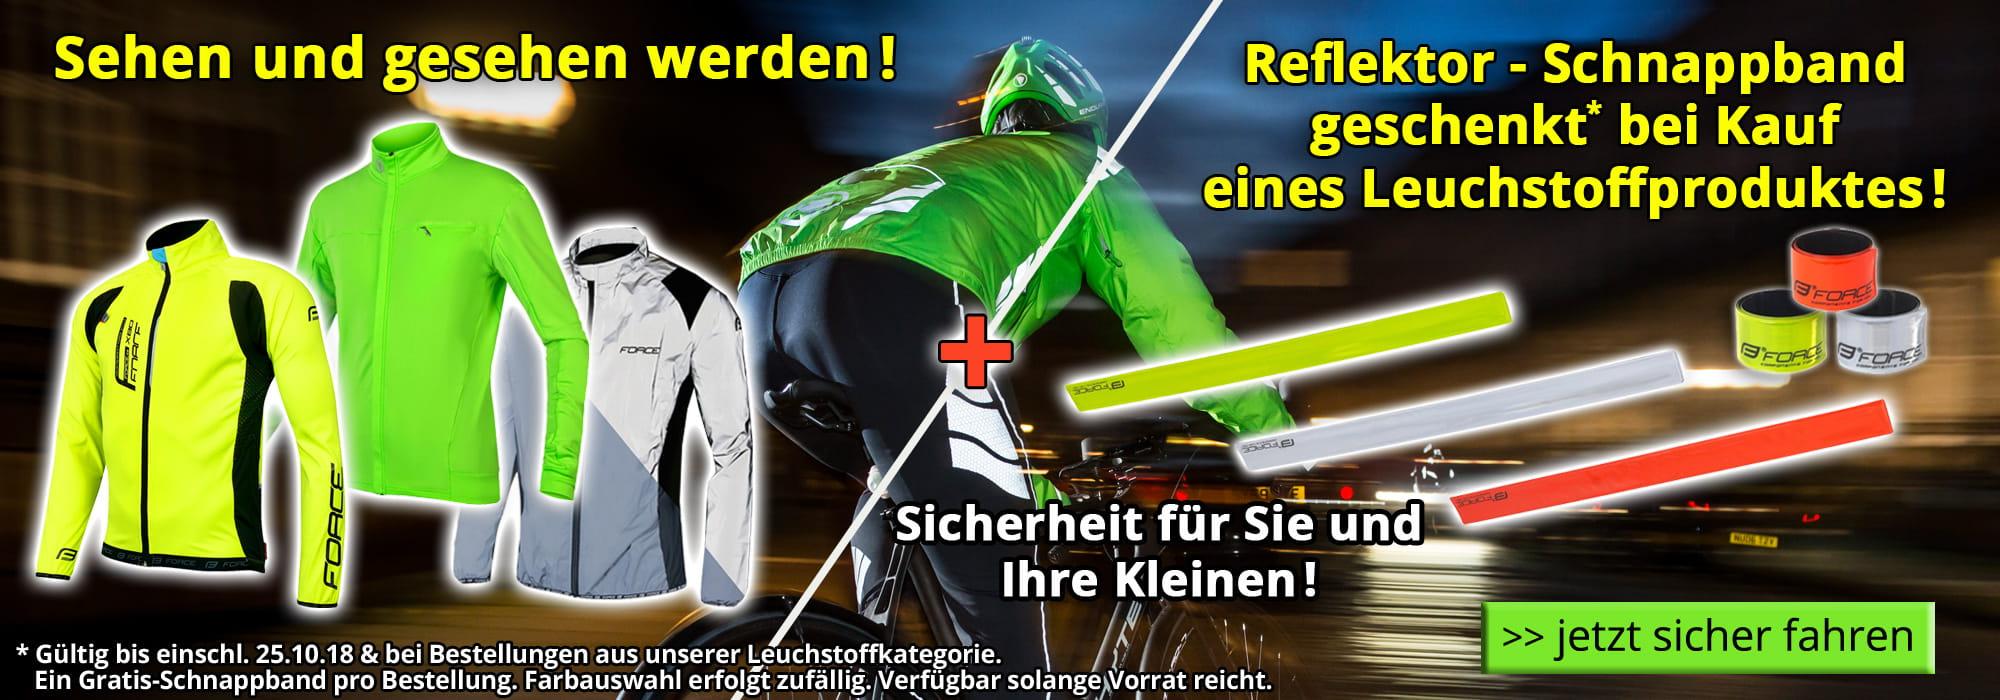 Reflektor - Schnappband geschenkt beim Kauf eines Leuchtstoffproduktes